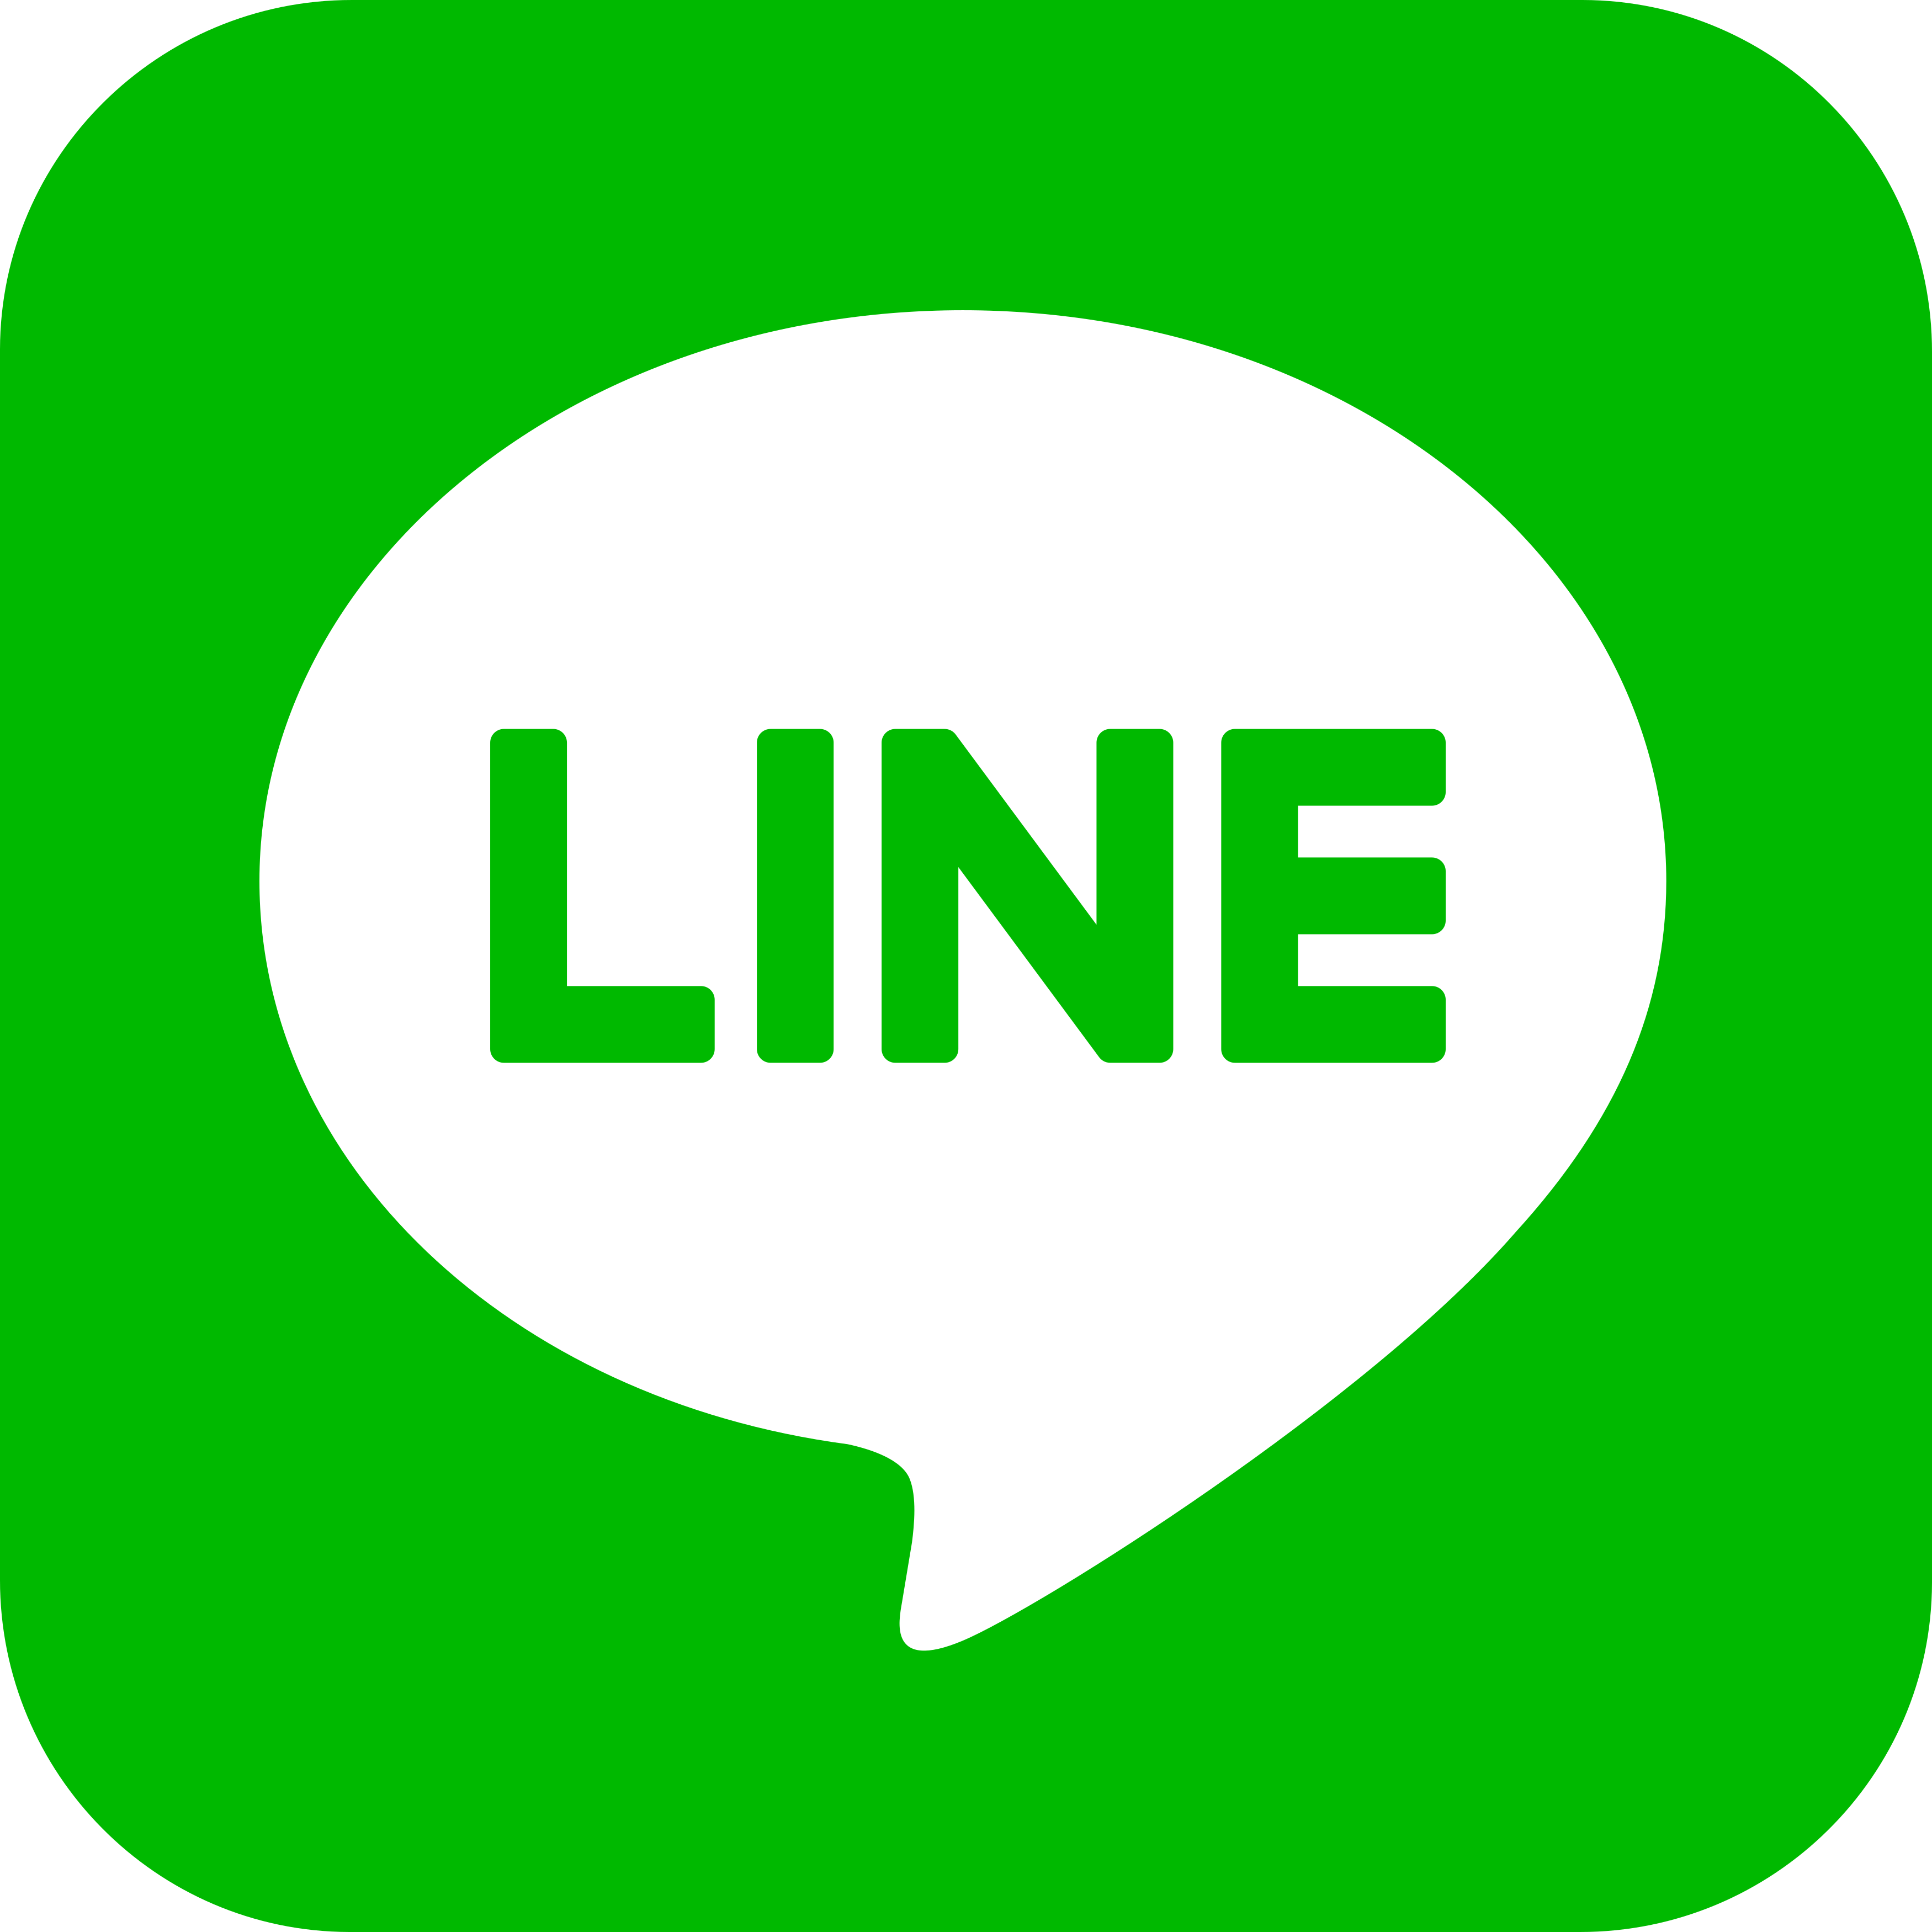 Line logo.